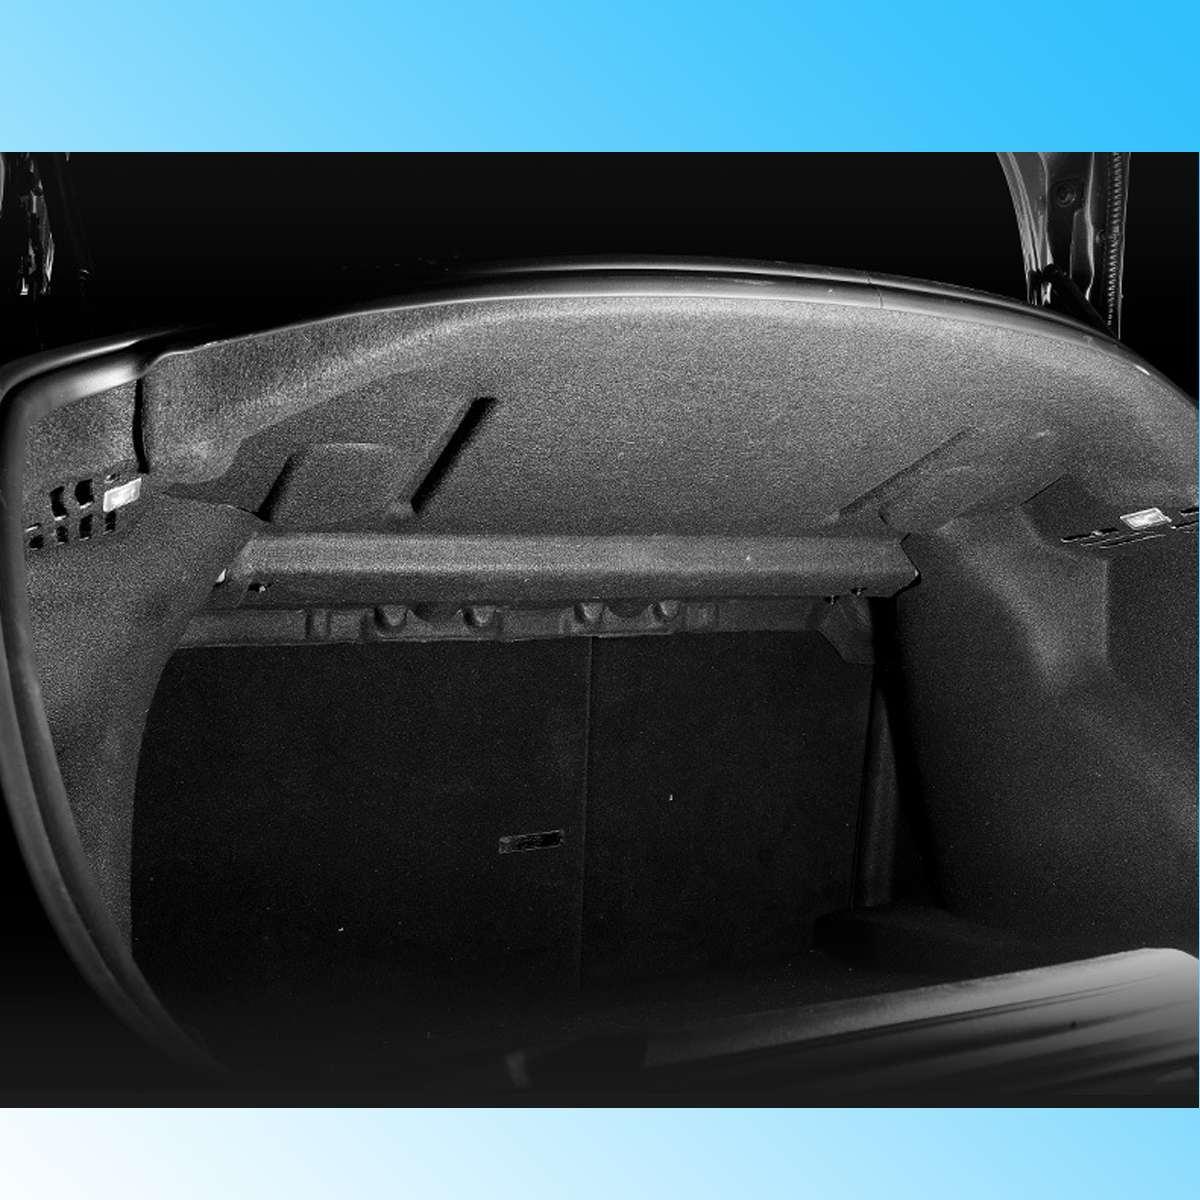 Nouveau tapis de protection insonorisé en coton pour coffre arrière pour voiture Tesla modèle 3 - 5